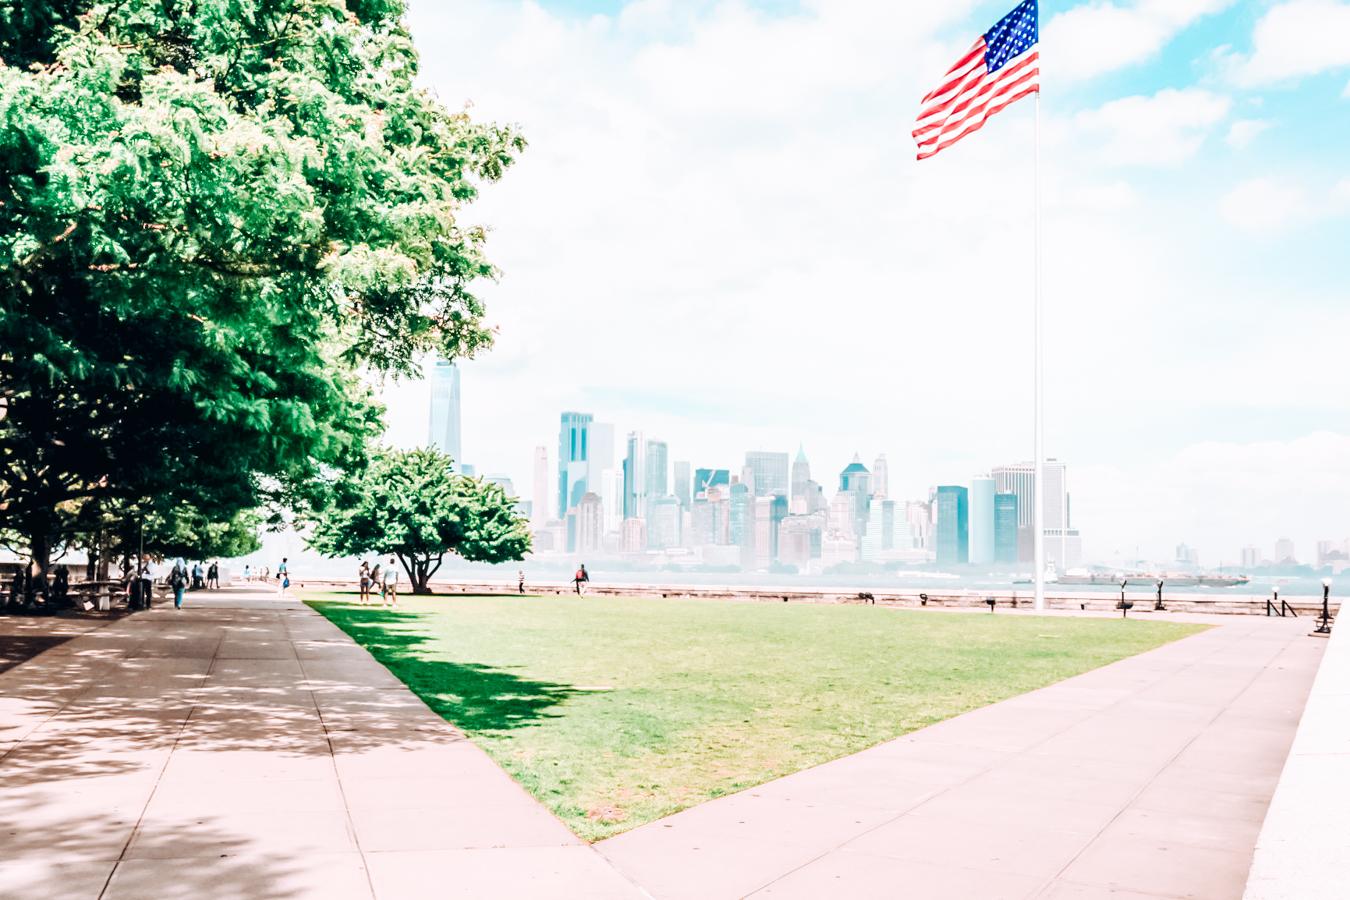 Ellis Island in Jersey City